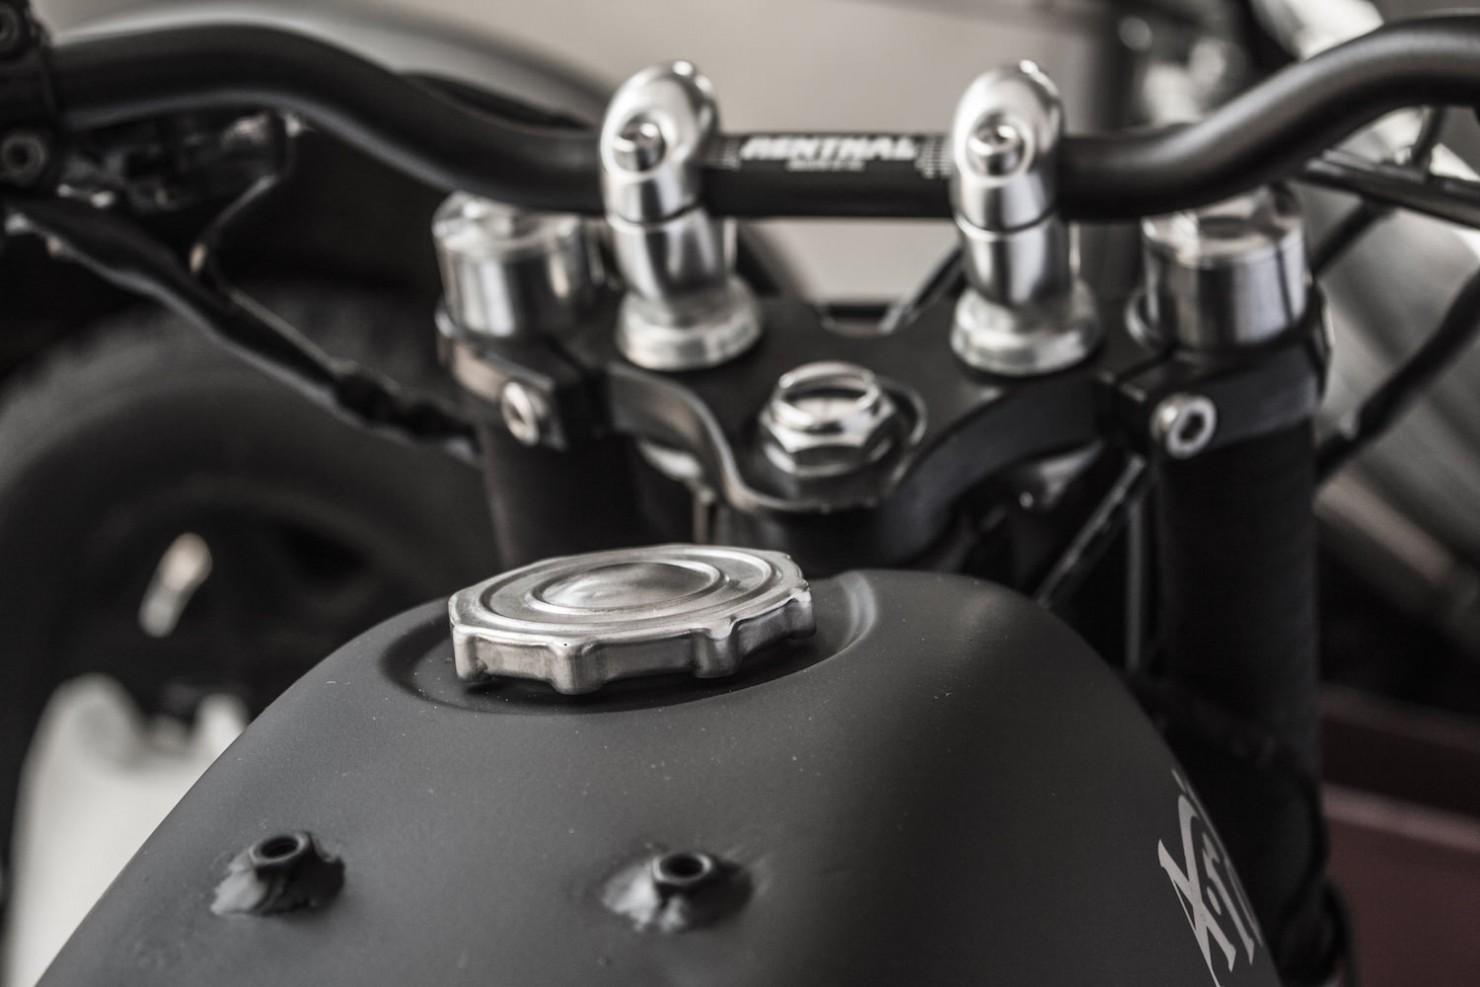 Triumph-Scrambler-Motorbike-8